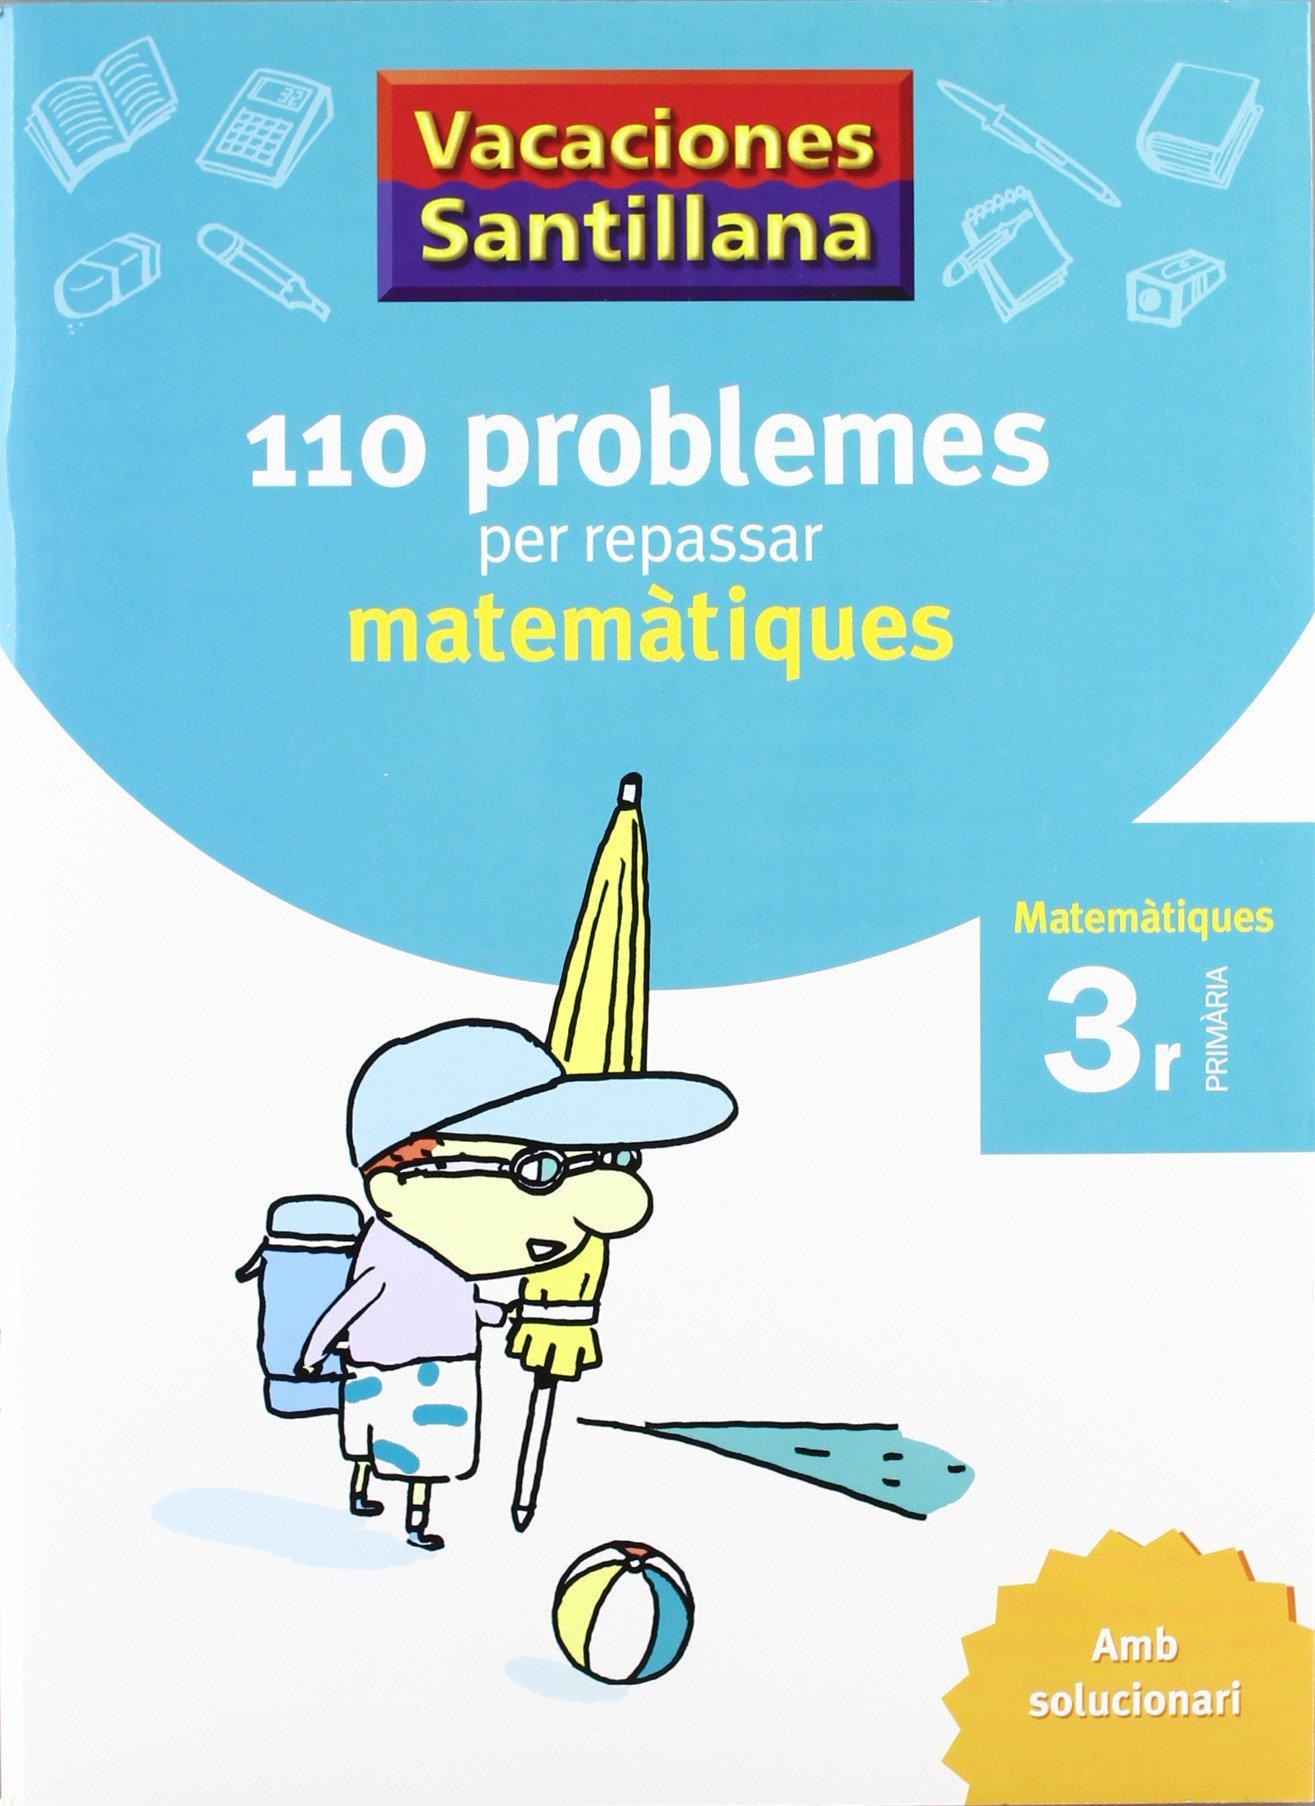 Vacaciónes Santillana, matemàtiques, 110 problemes per repssar, 3 Educació  Primària. Quadern - 9788479182298: Amazon.es: Desconocido: Libros